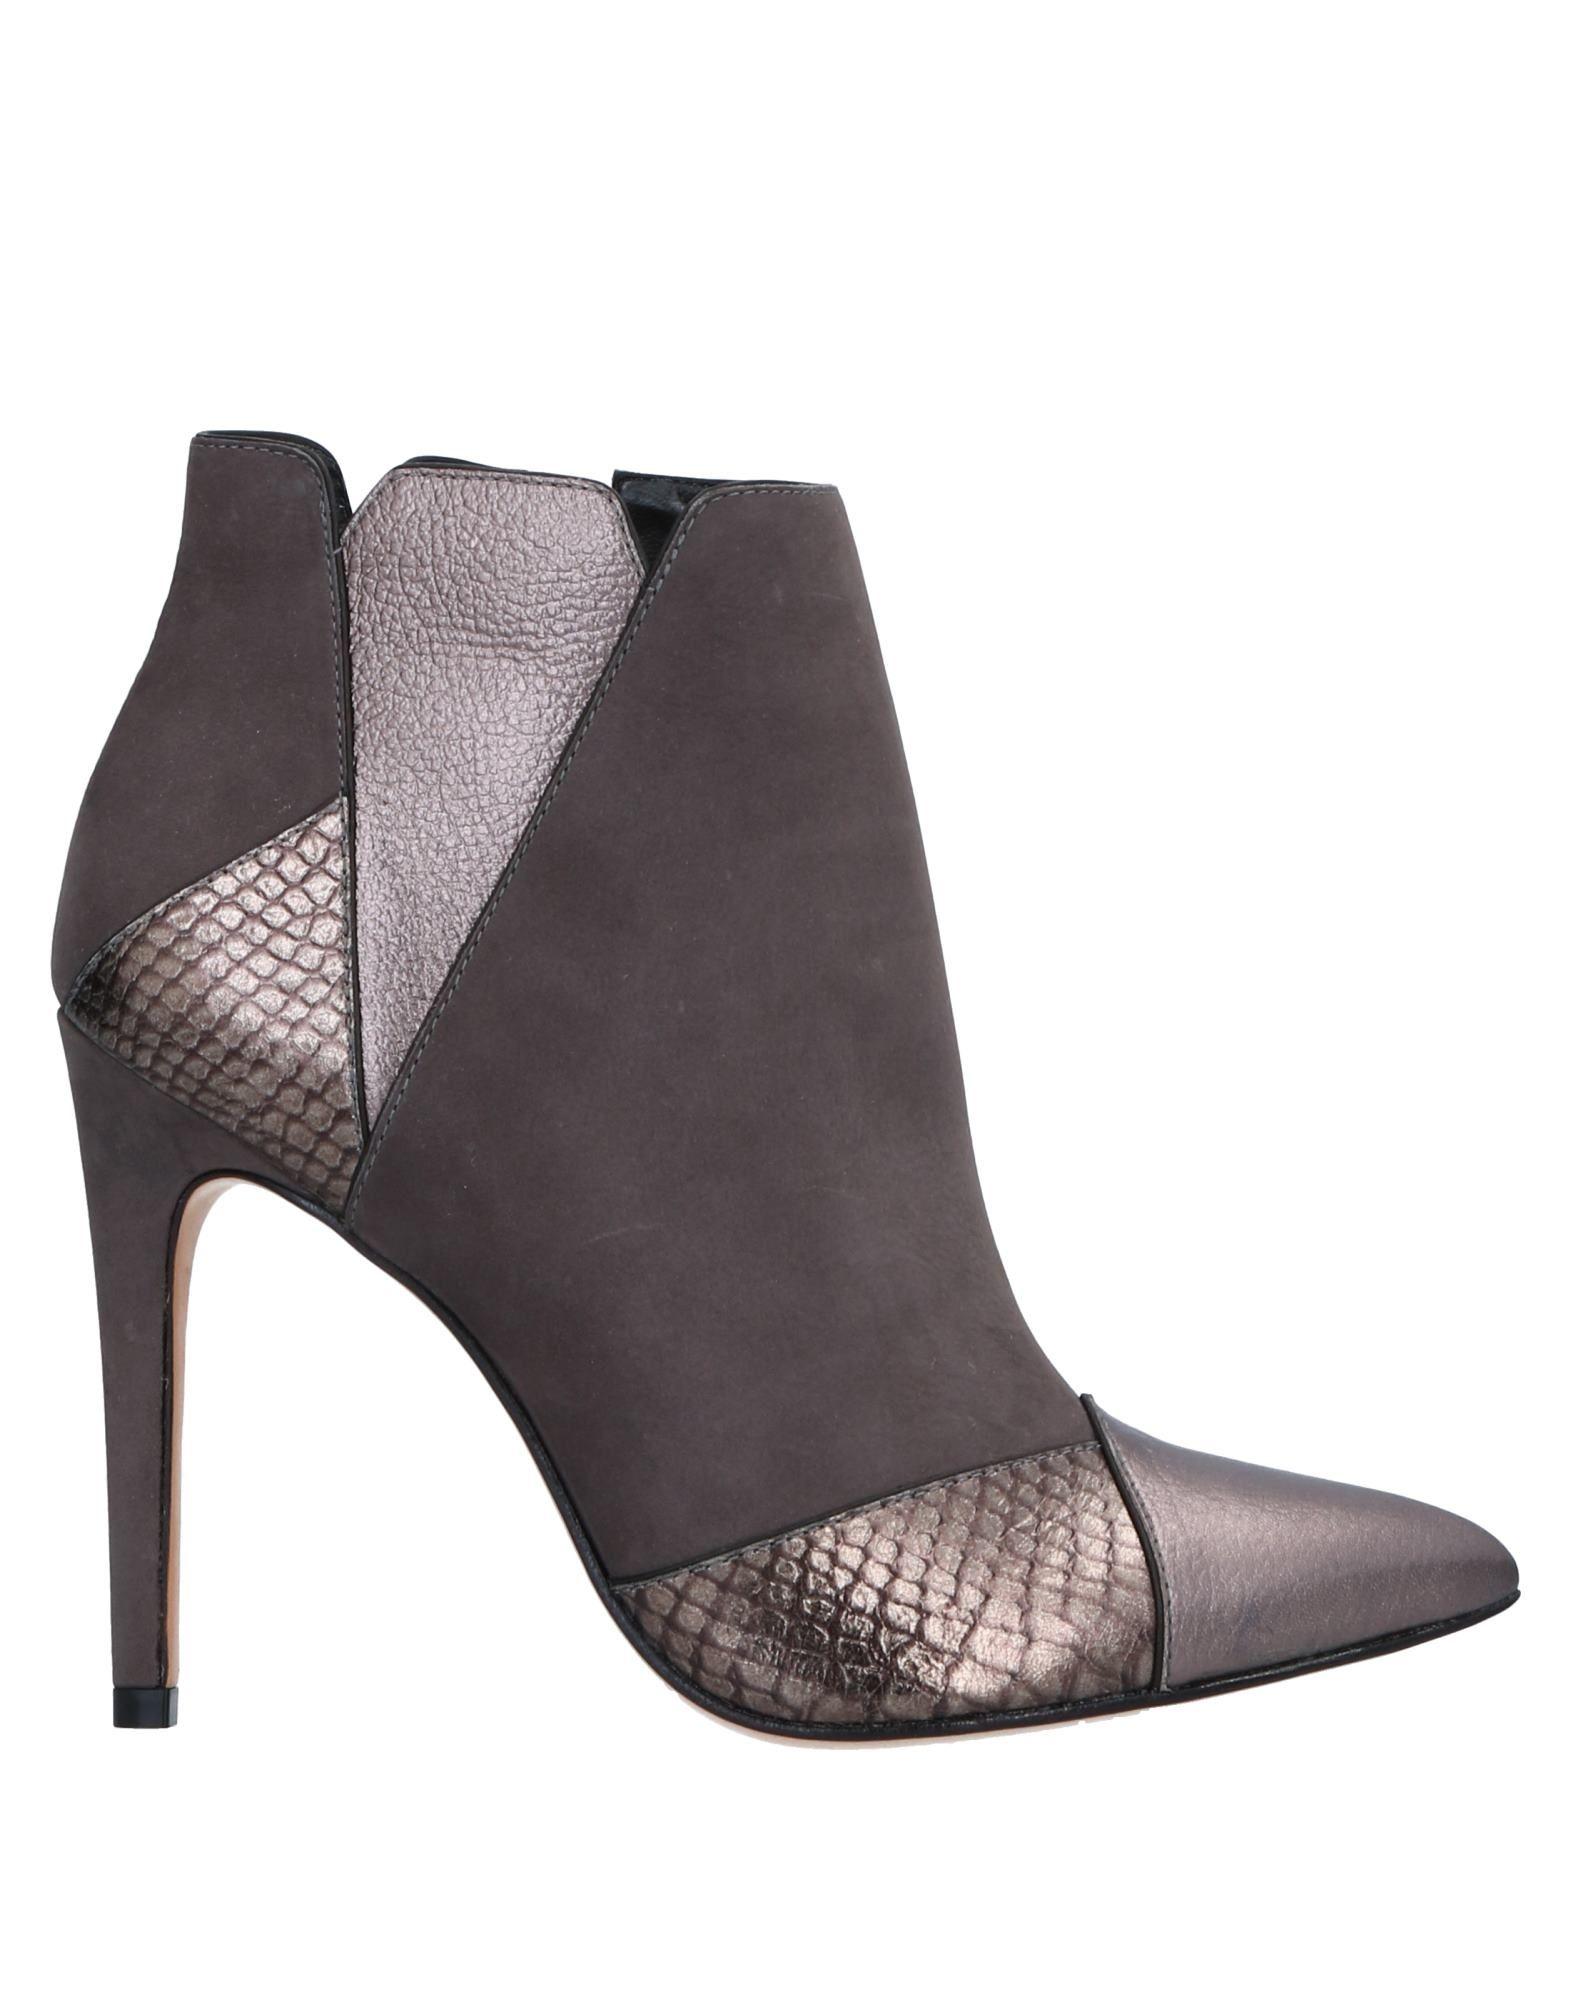 Moda Stivaletti Panella Donna - - Donna 11527019TJ 7175a8